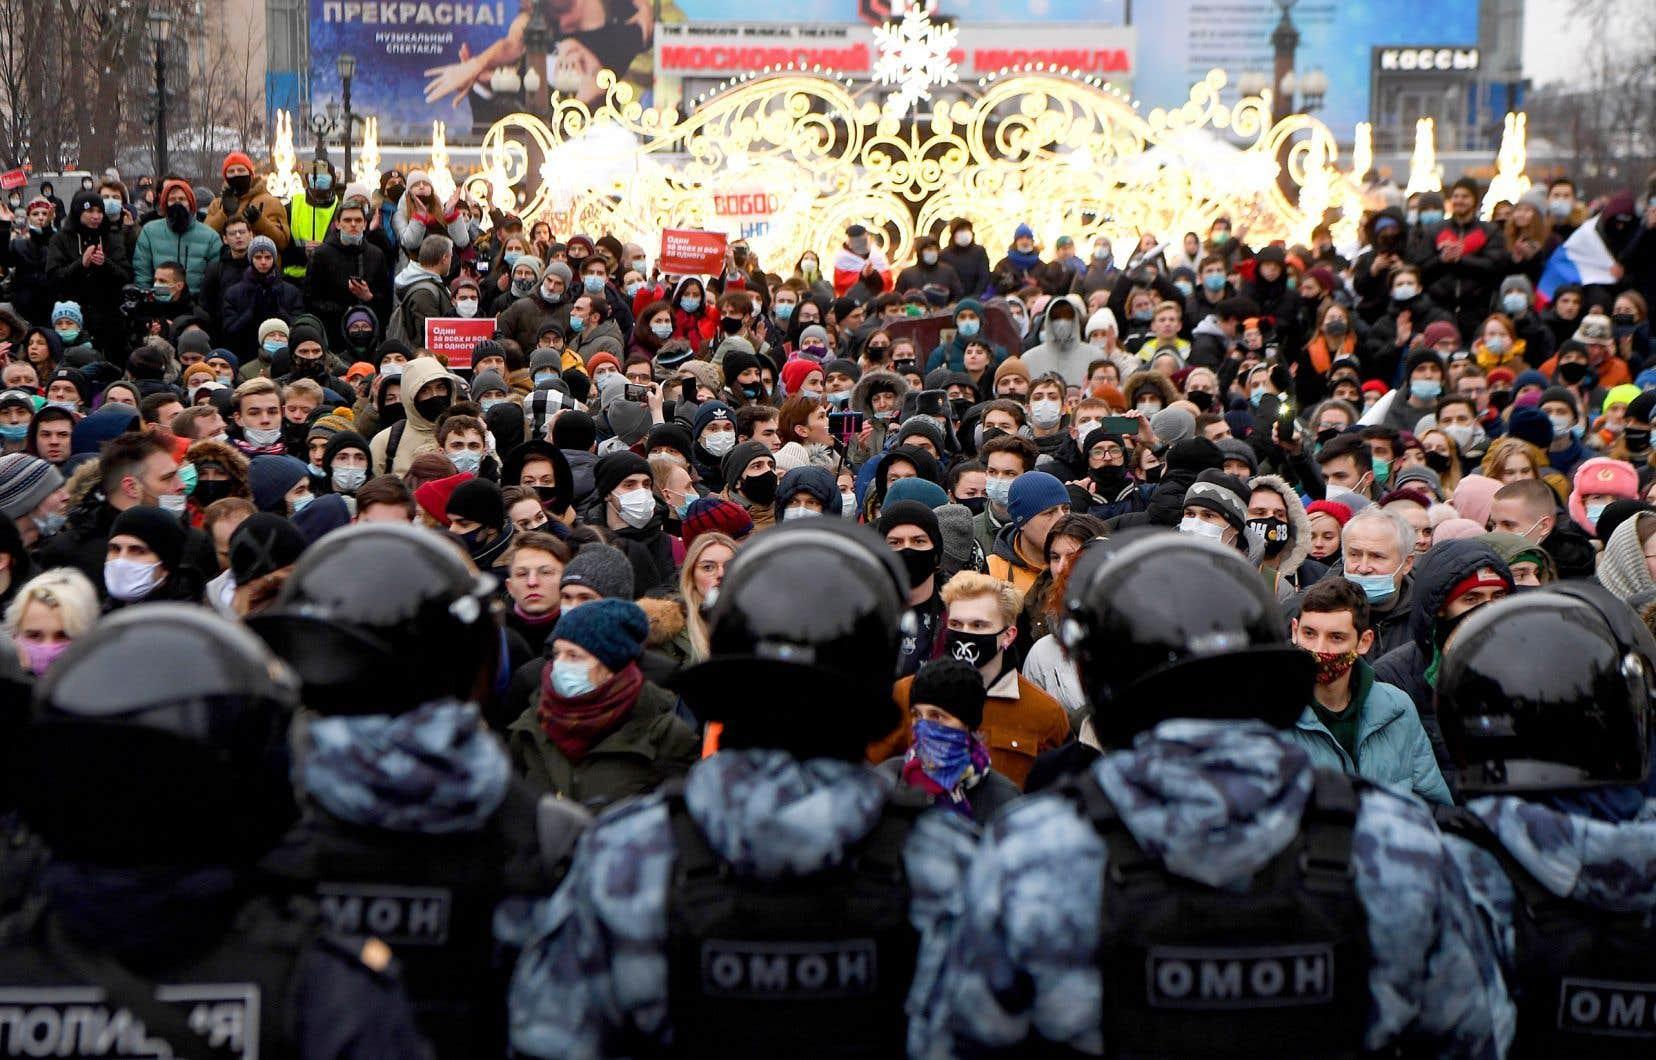 Les manifestations en soutien à Alexeï Navalny ont réuni samedi des dizaines de milliers de personnes.